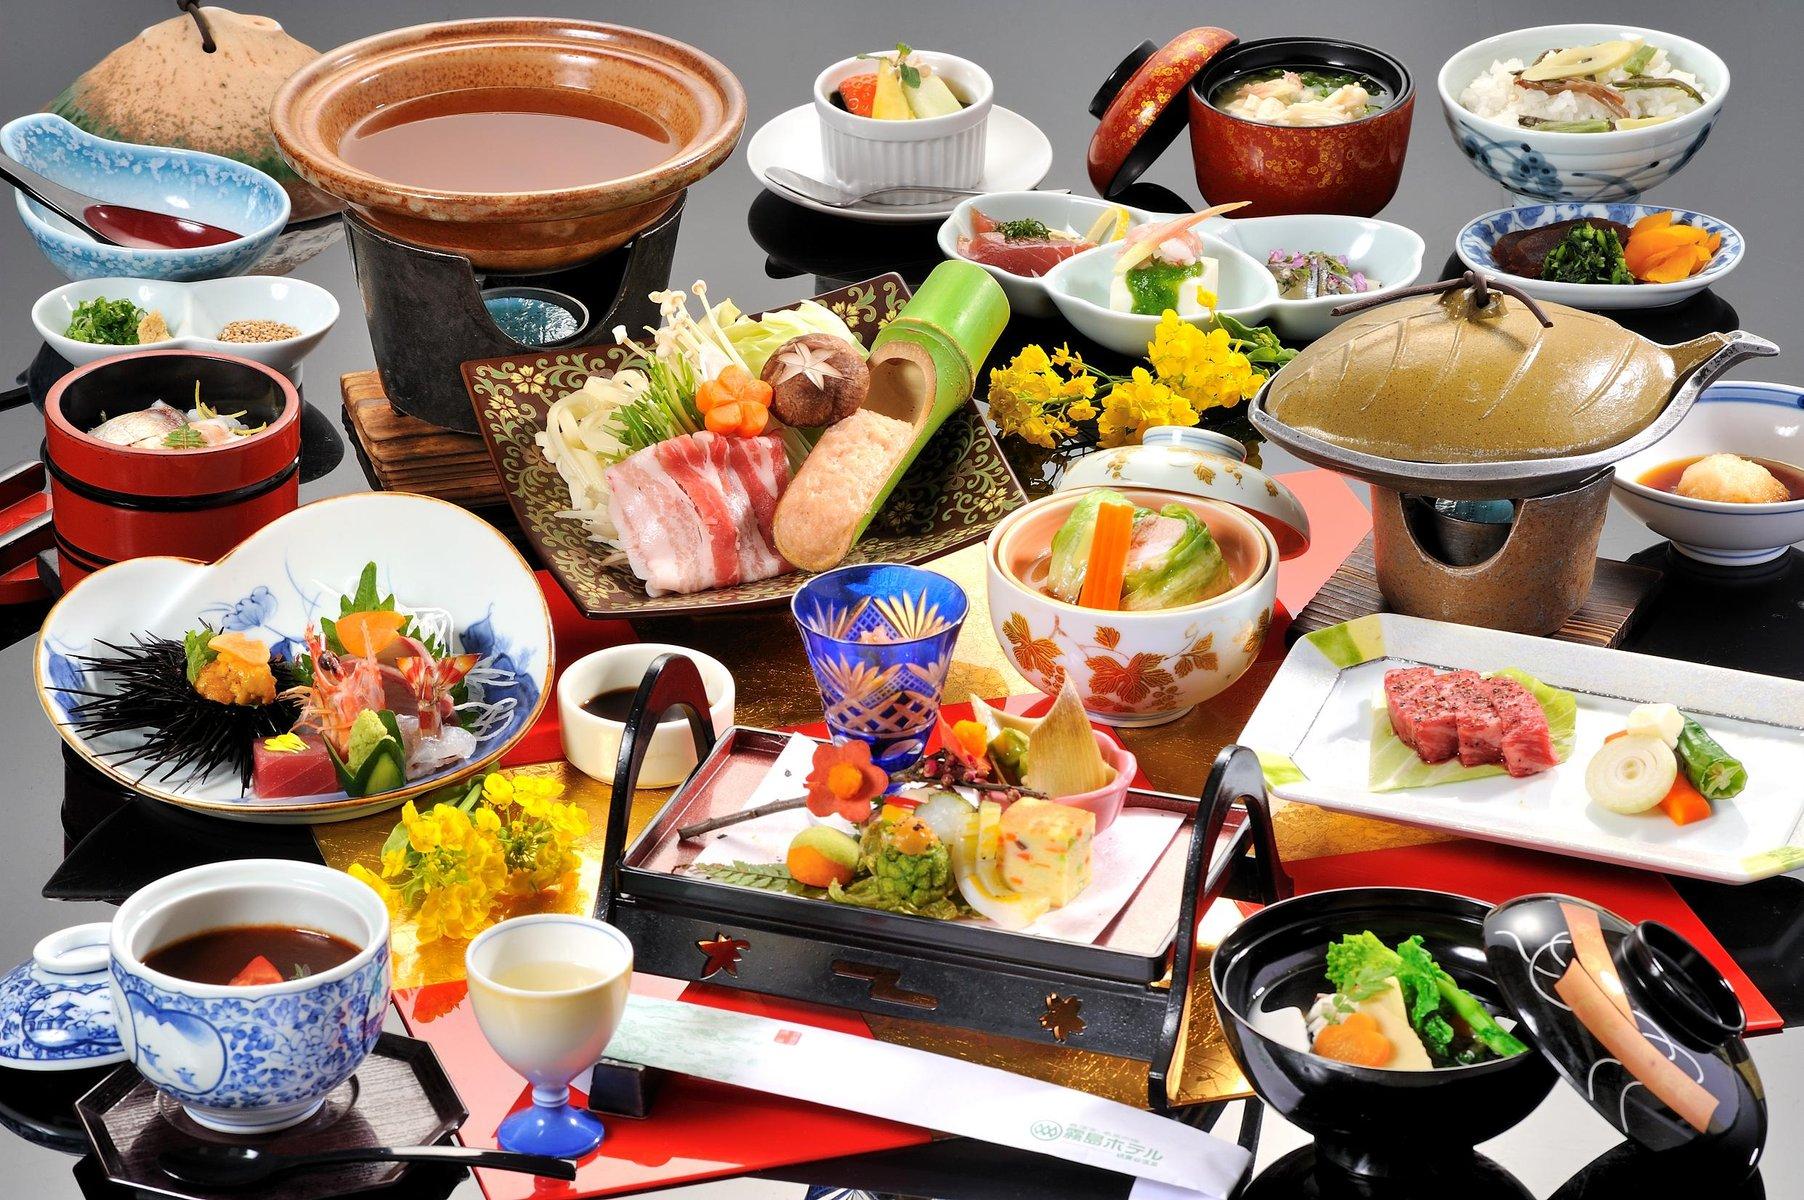 海外反応! I LOVE JAPAN : 日本の食文化って最高だね! 海外の反応。